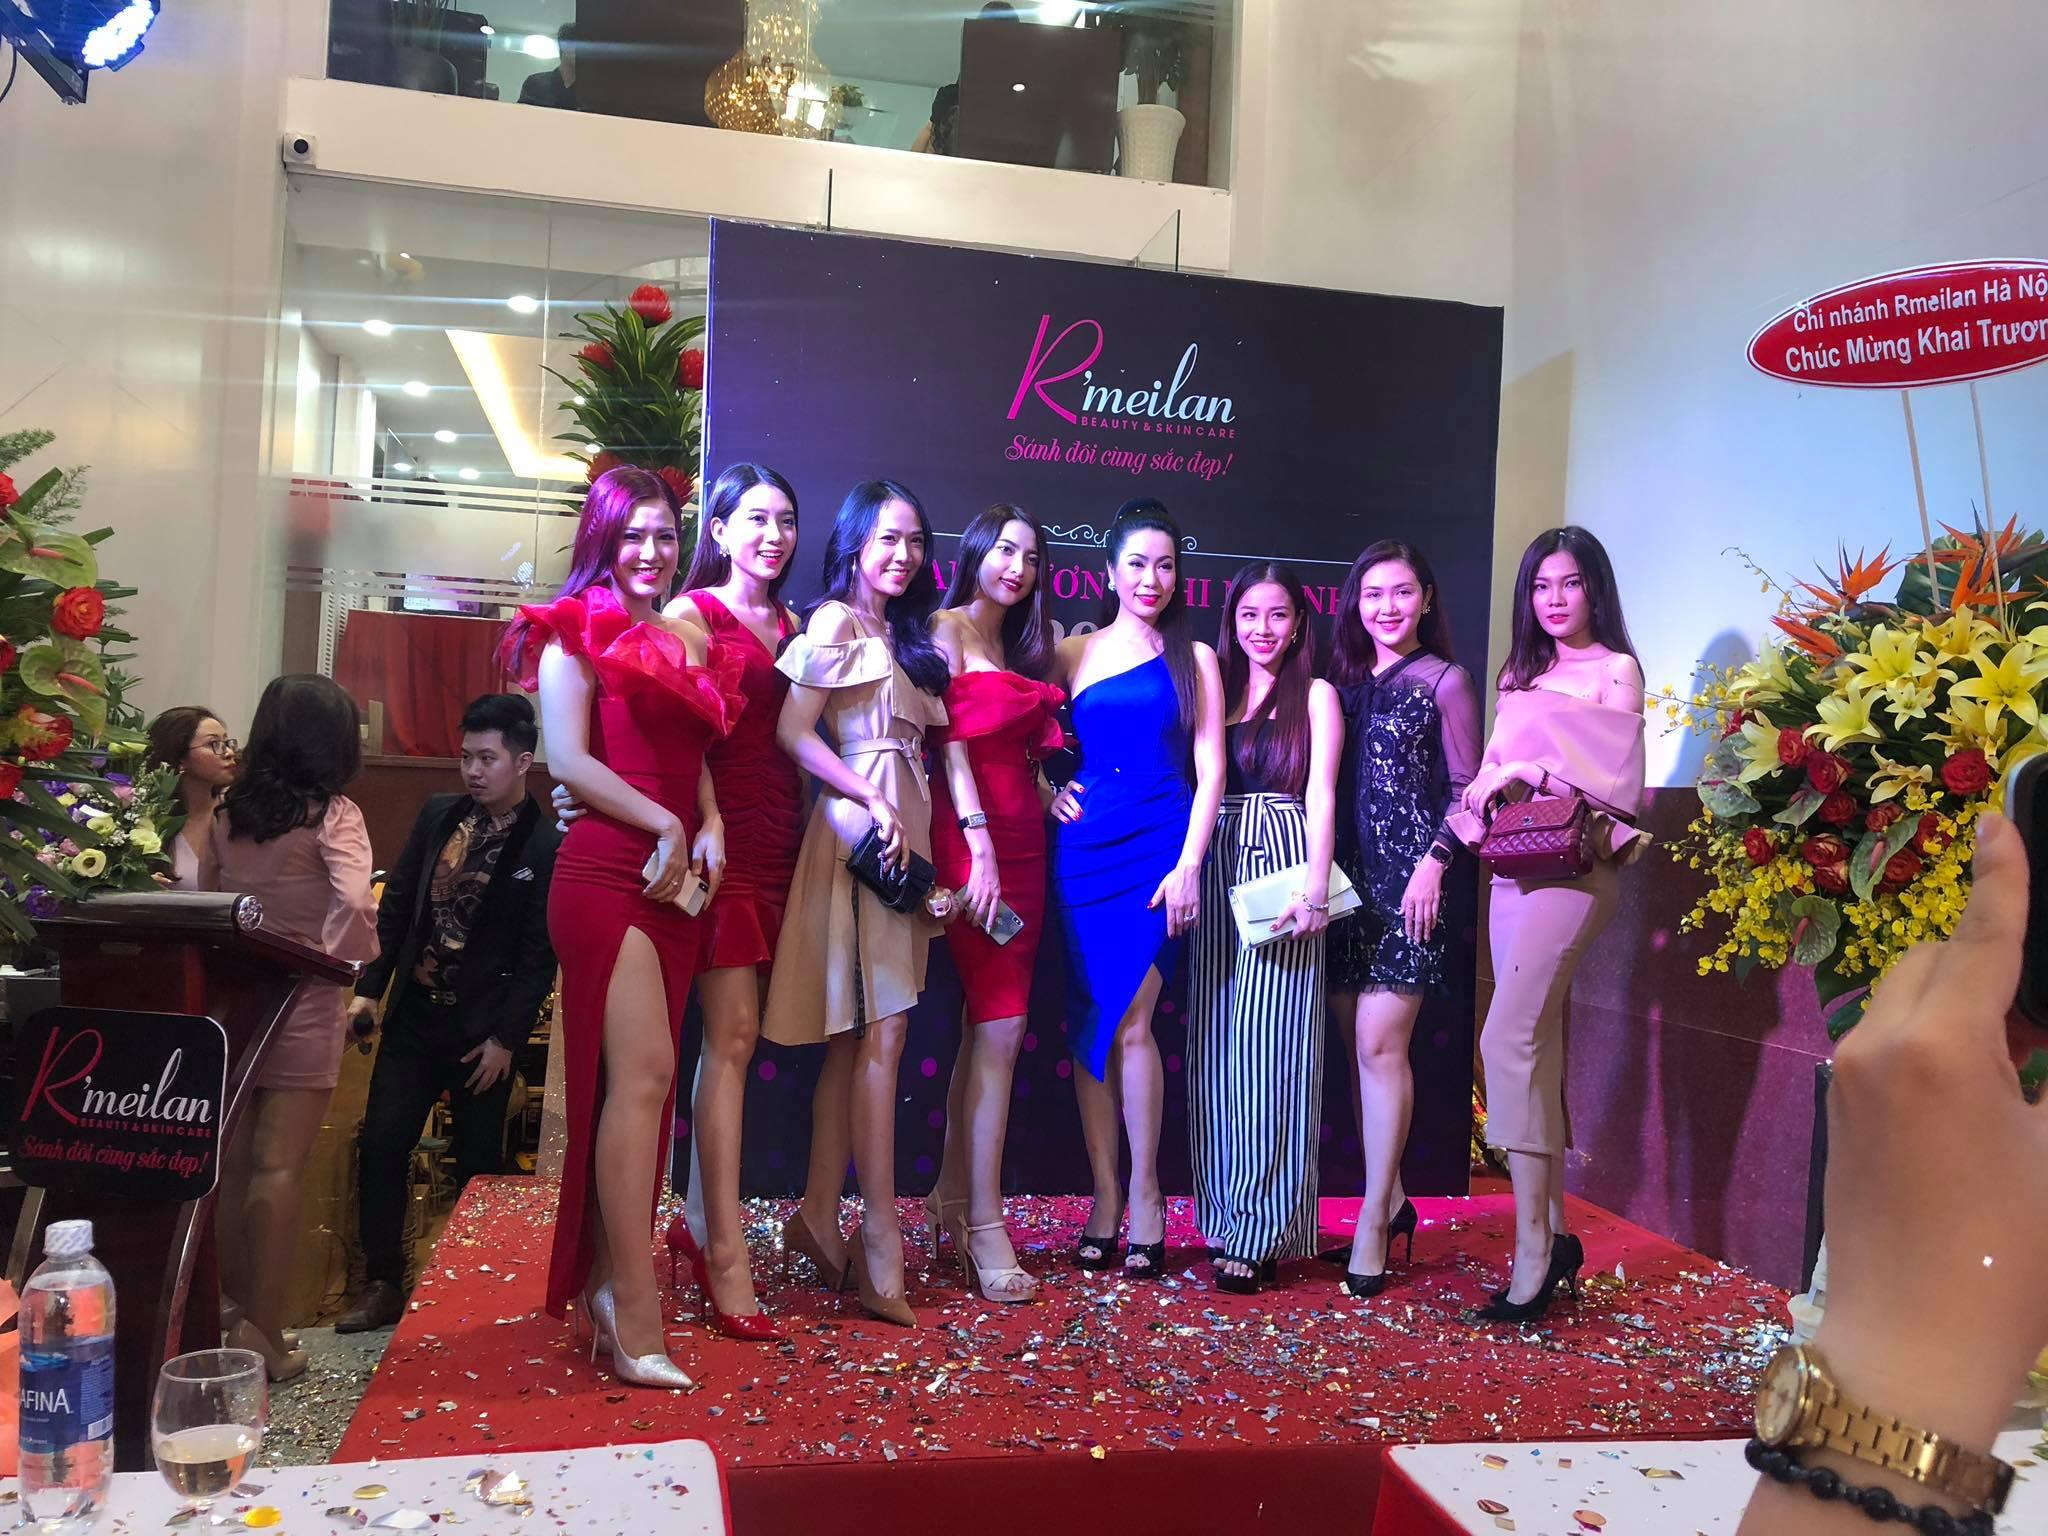 Cung cấp người mẫu dự sự kiện tại TP HCM